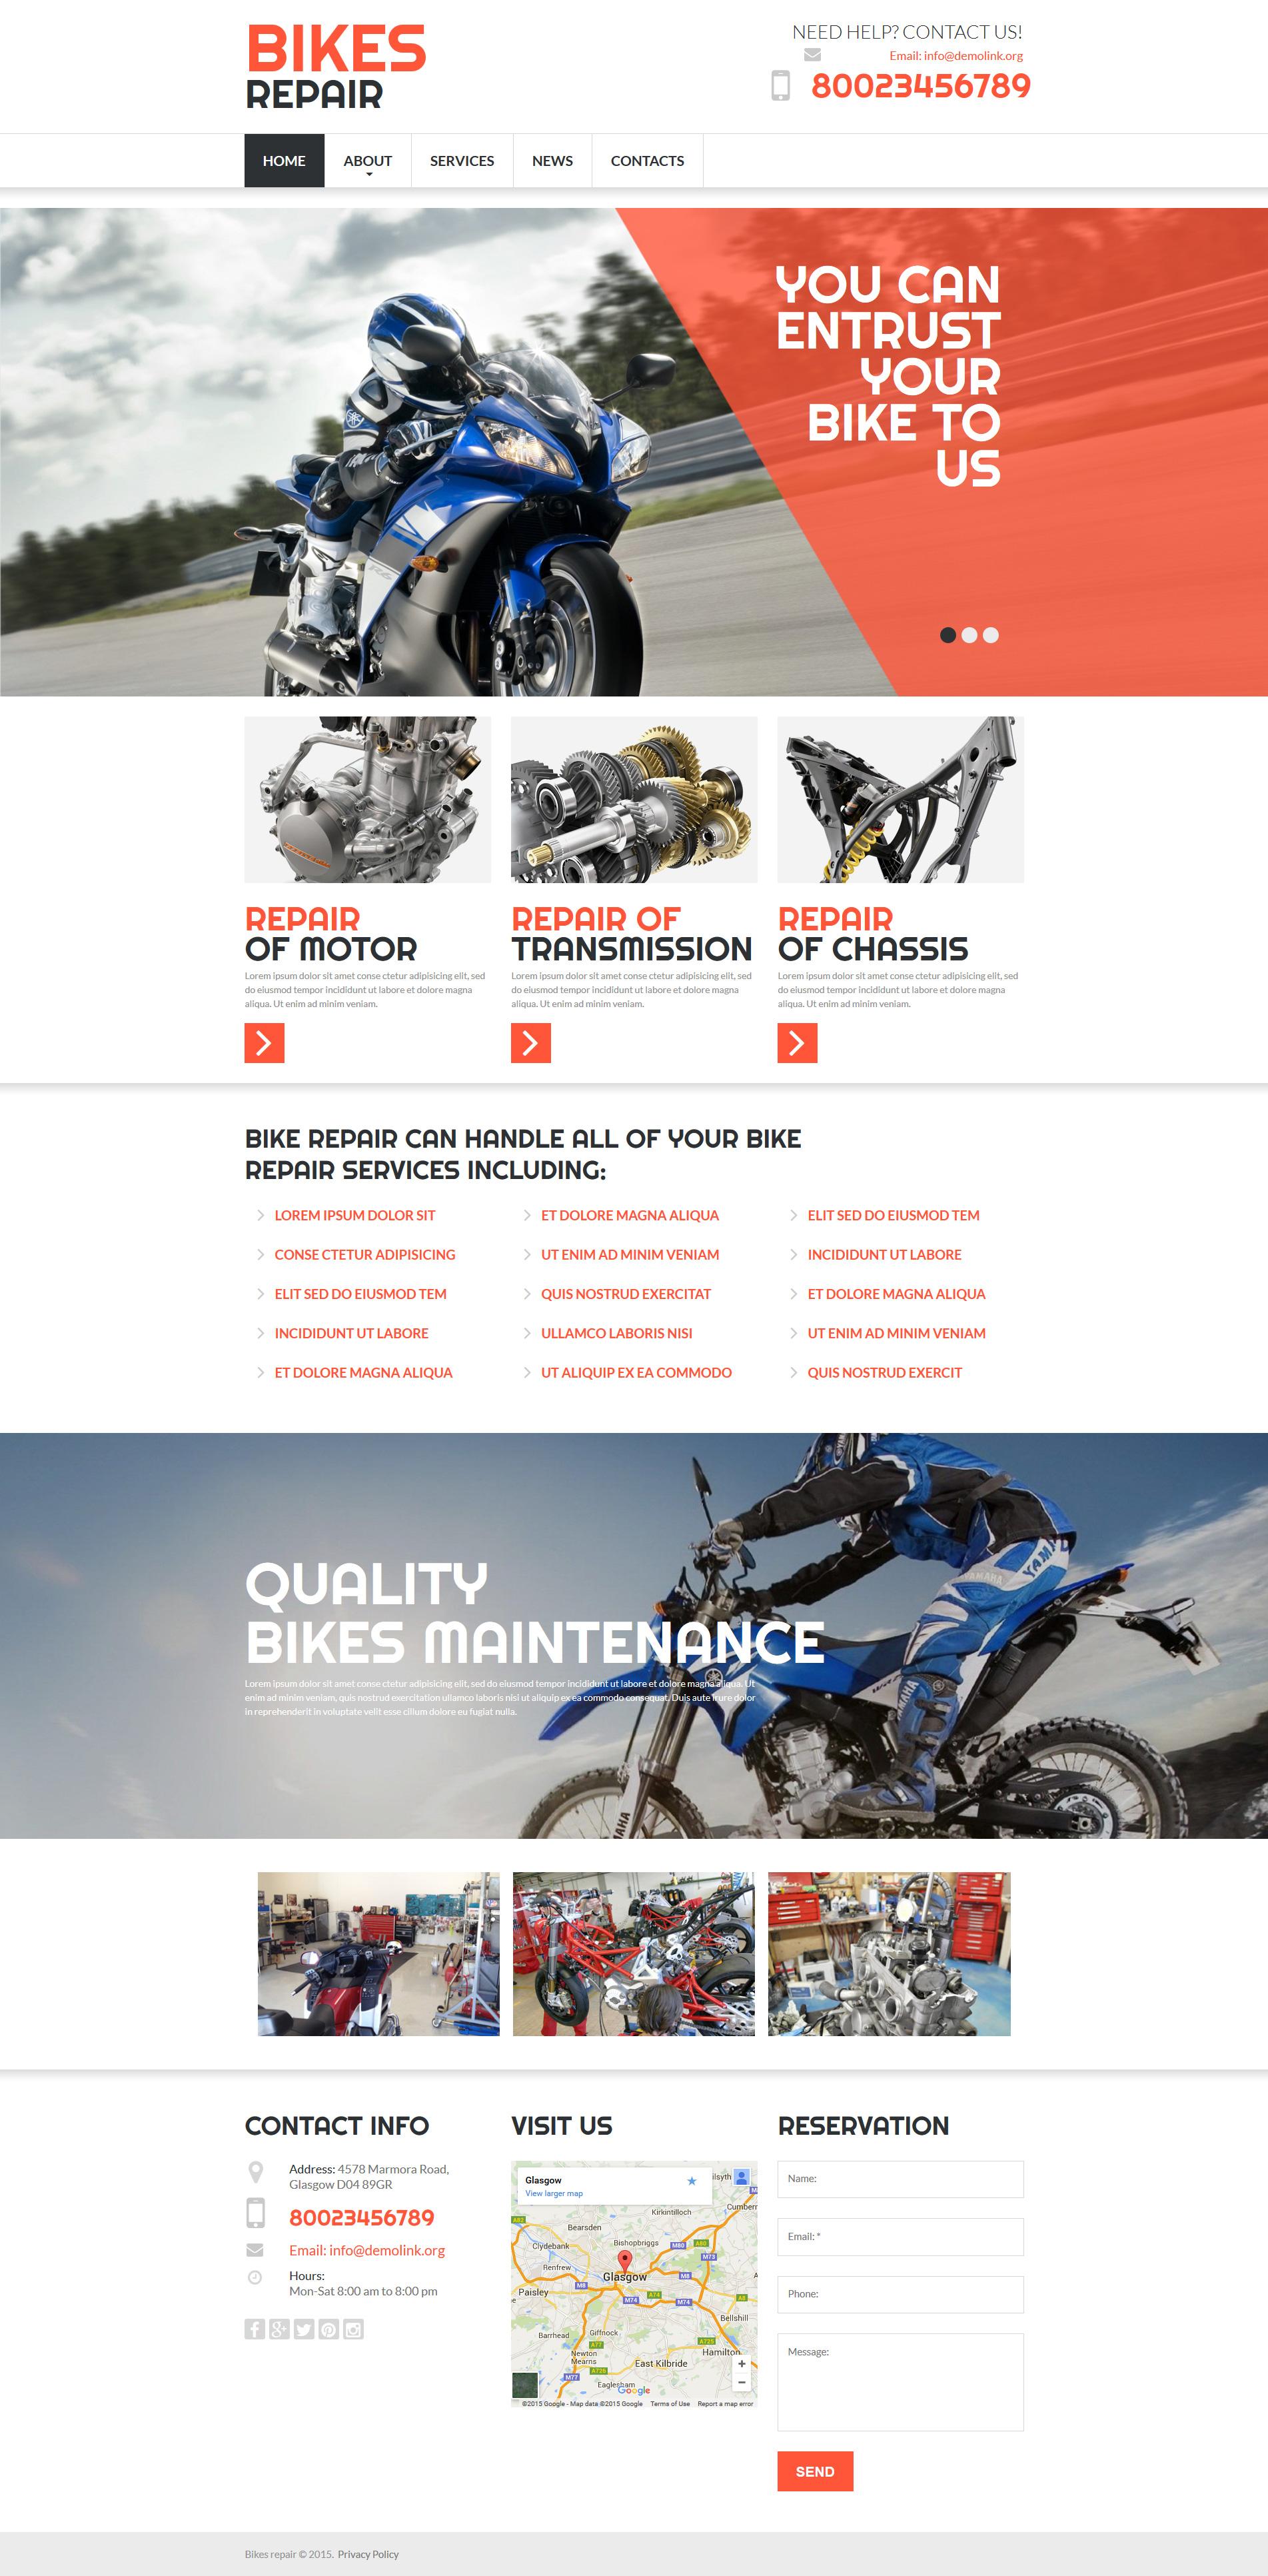 Modello Moto CMS 3 Responsive #53726 per Un Sito di Negozio di Biciclettte